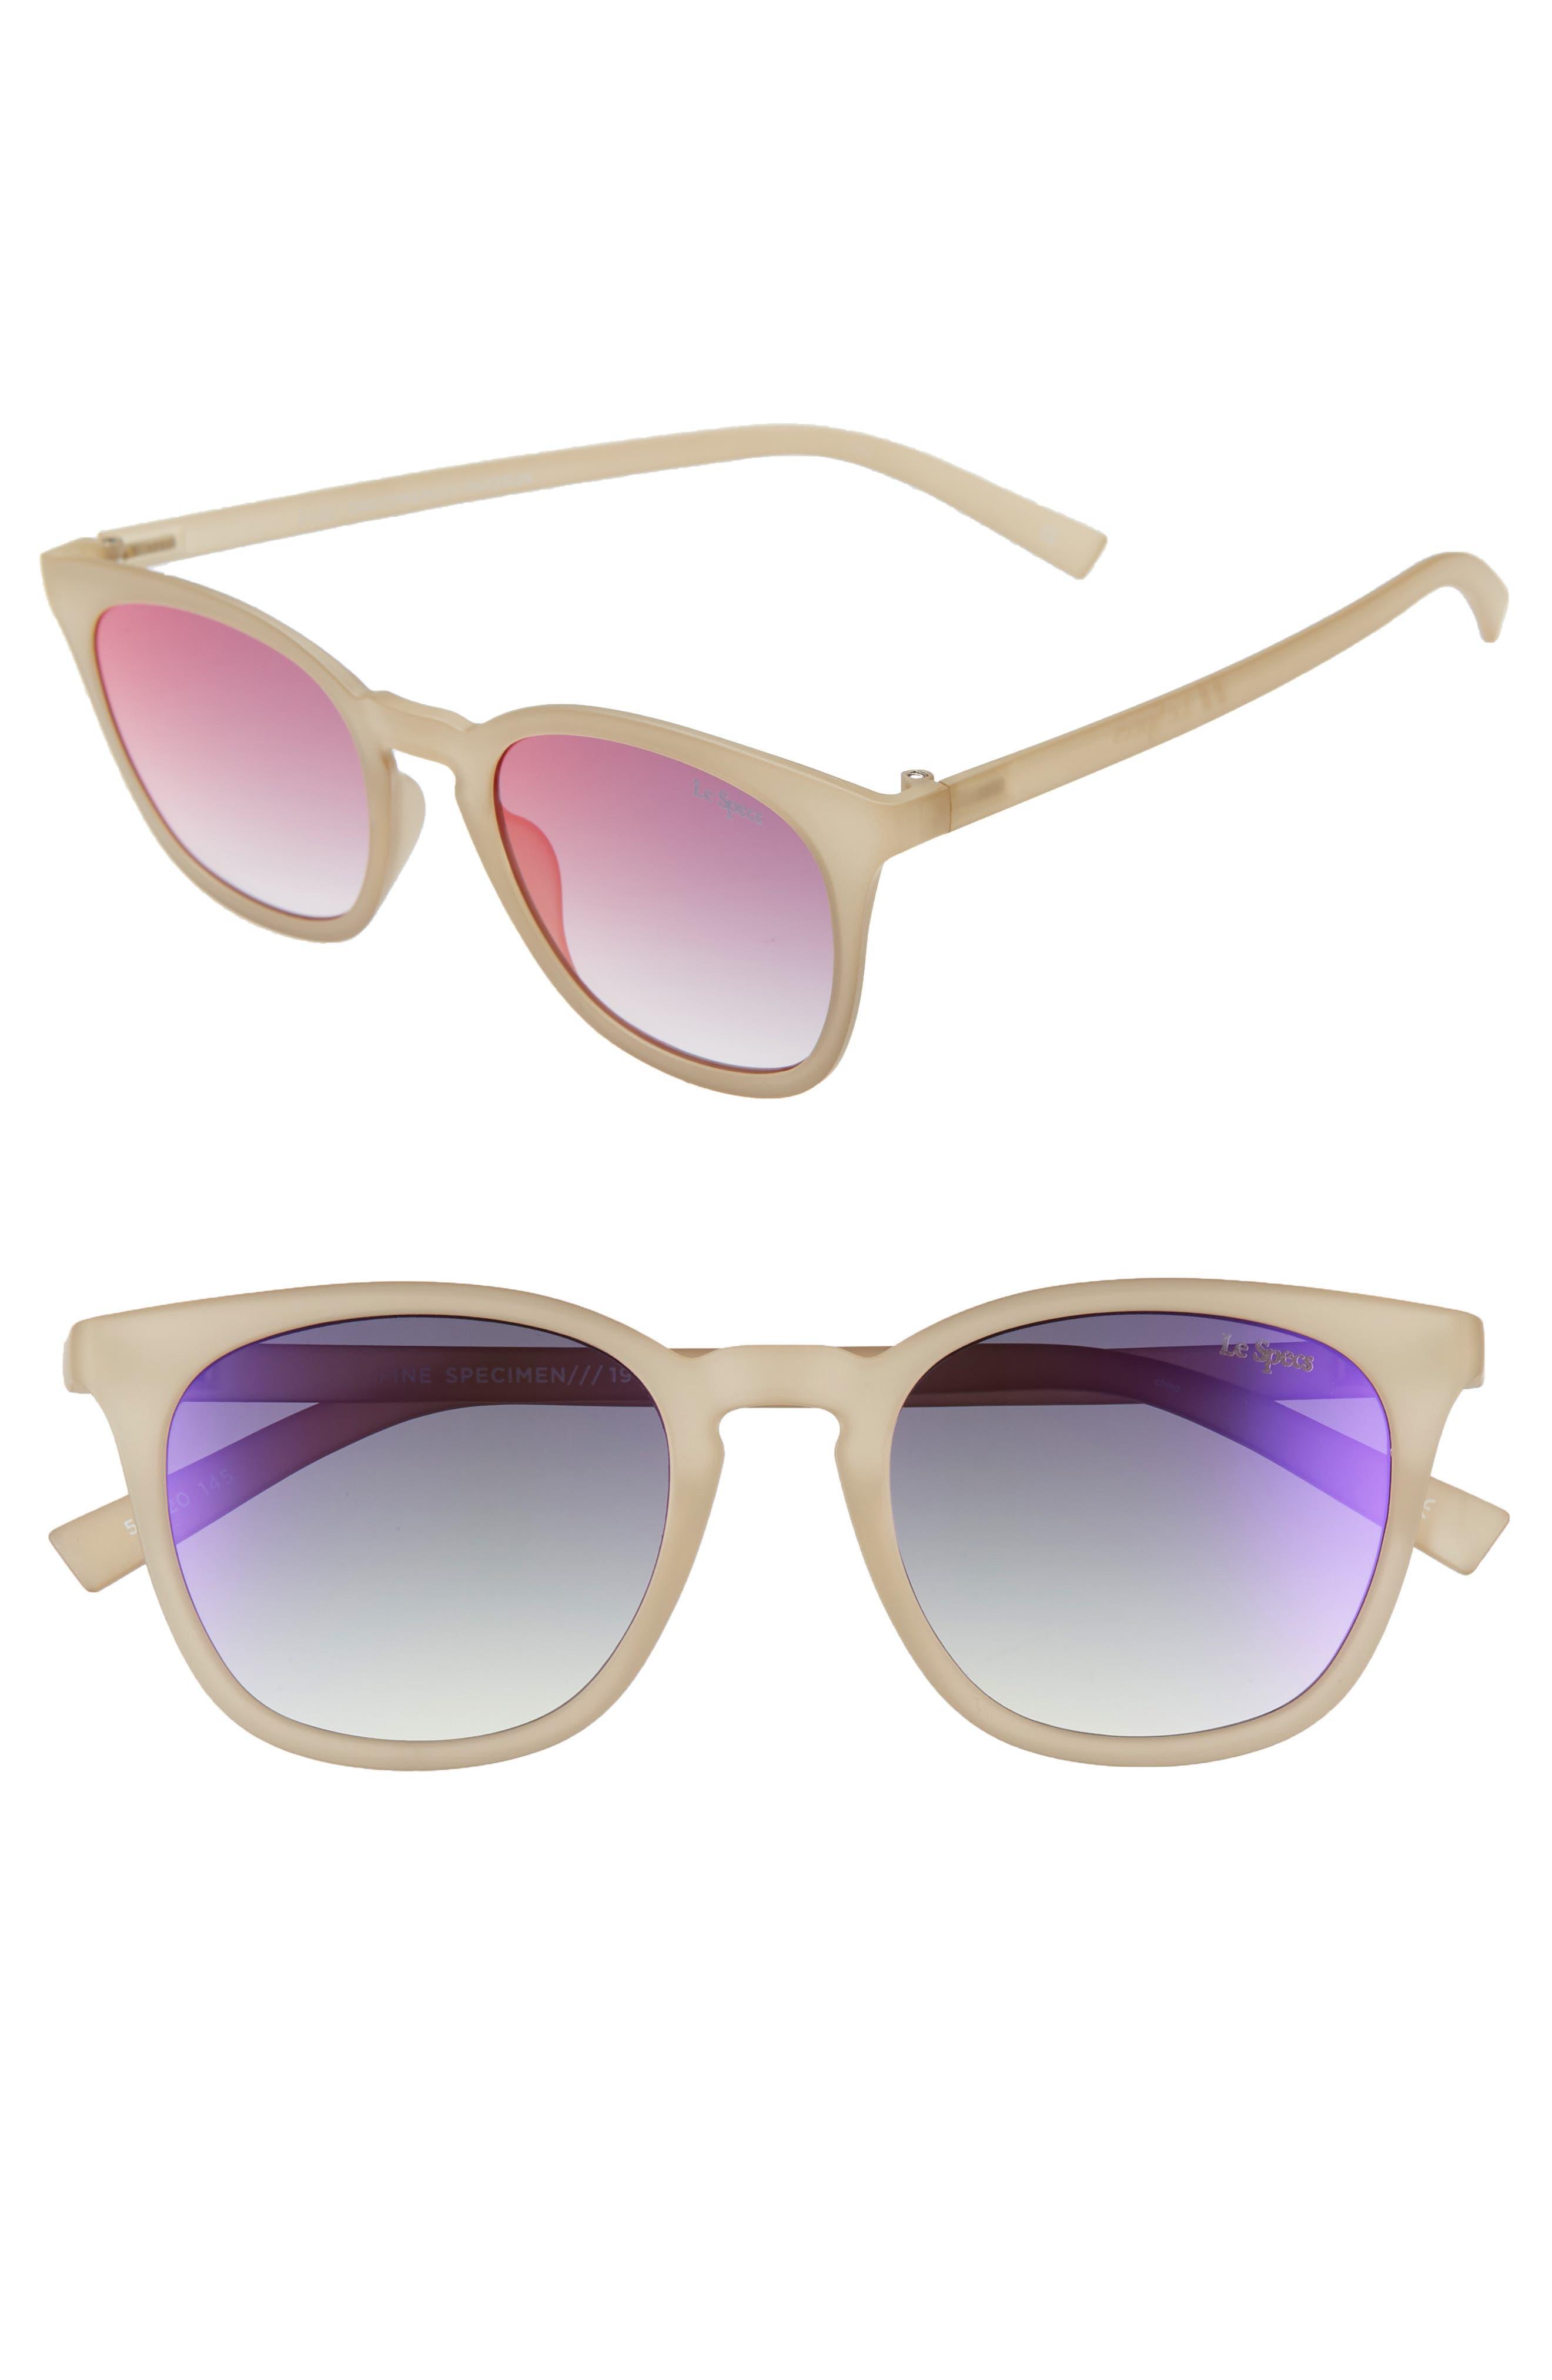 Le Specs Fine Specimen 51Mm Square Sunglasses - Matte Matcha/ Ice Fire Mirror